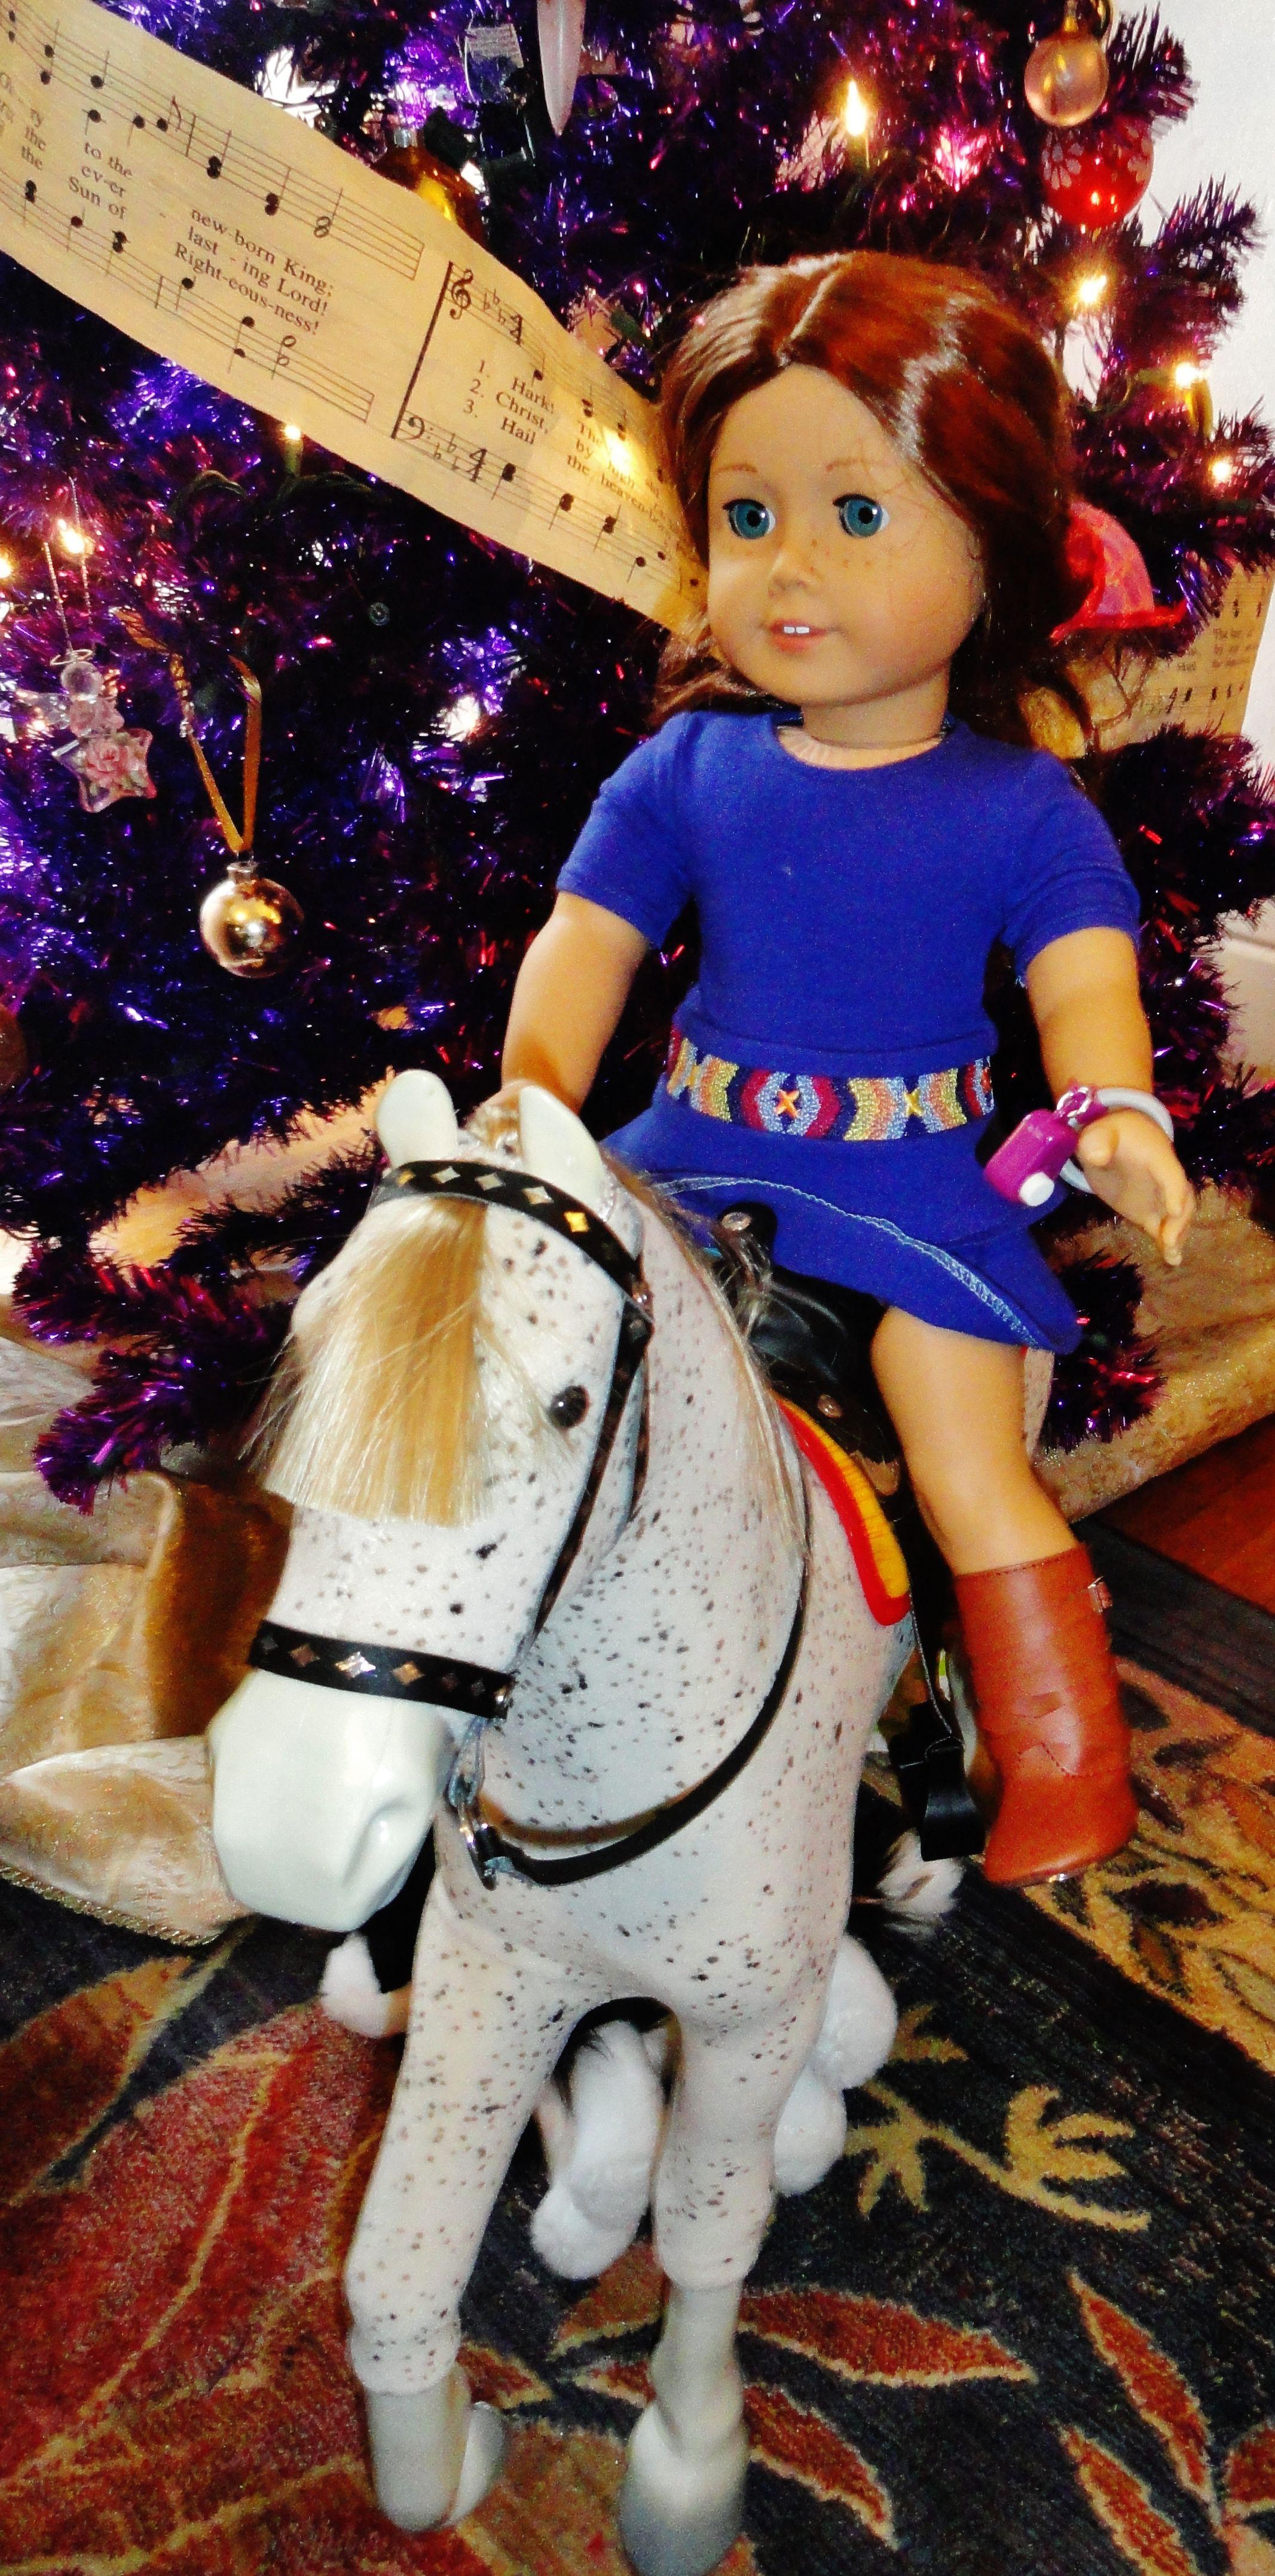 American Girl Christmas 2013